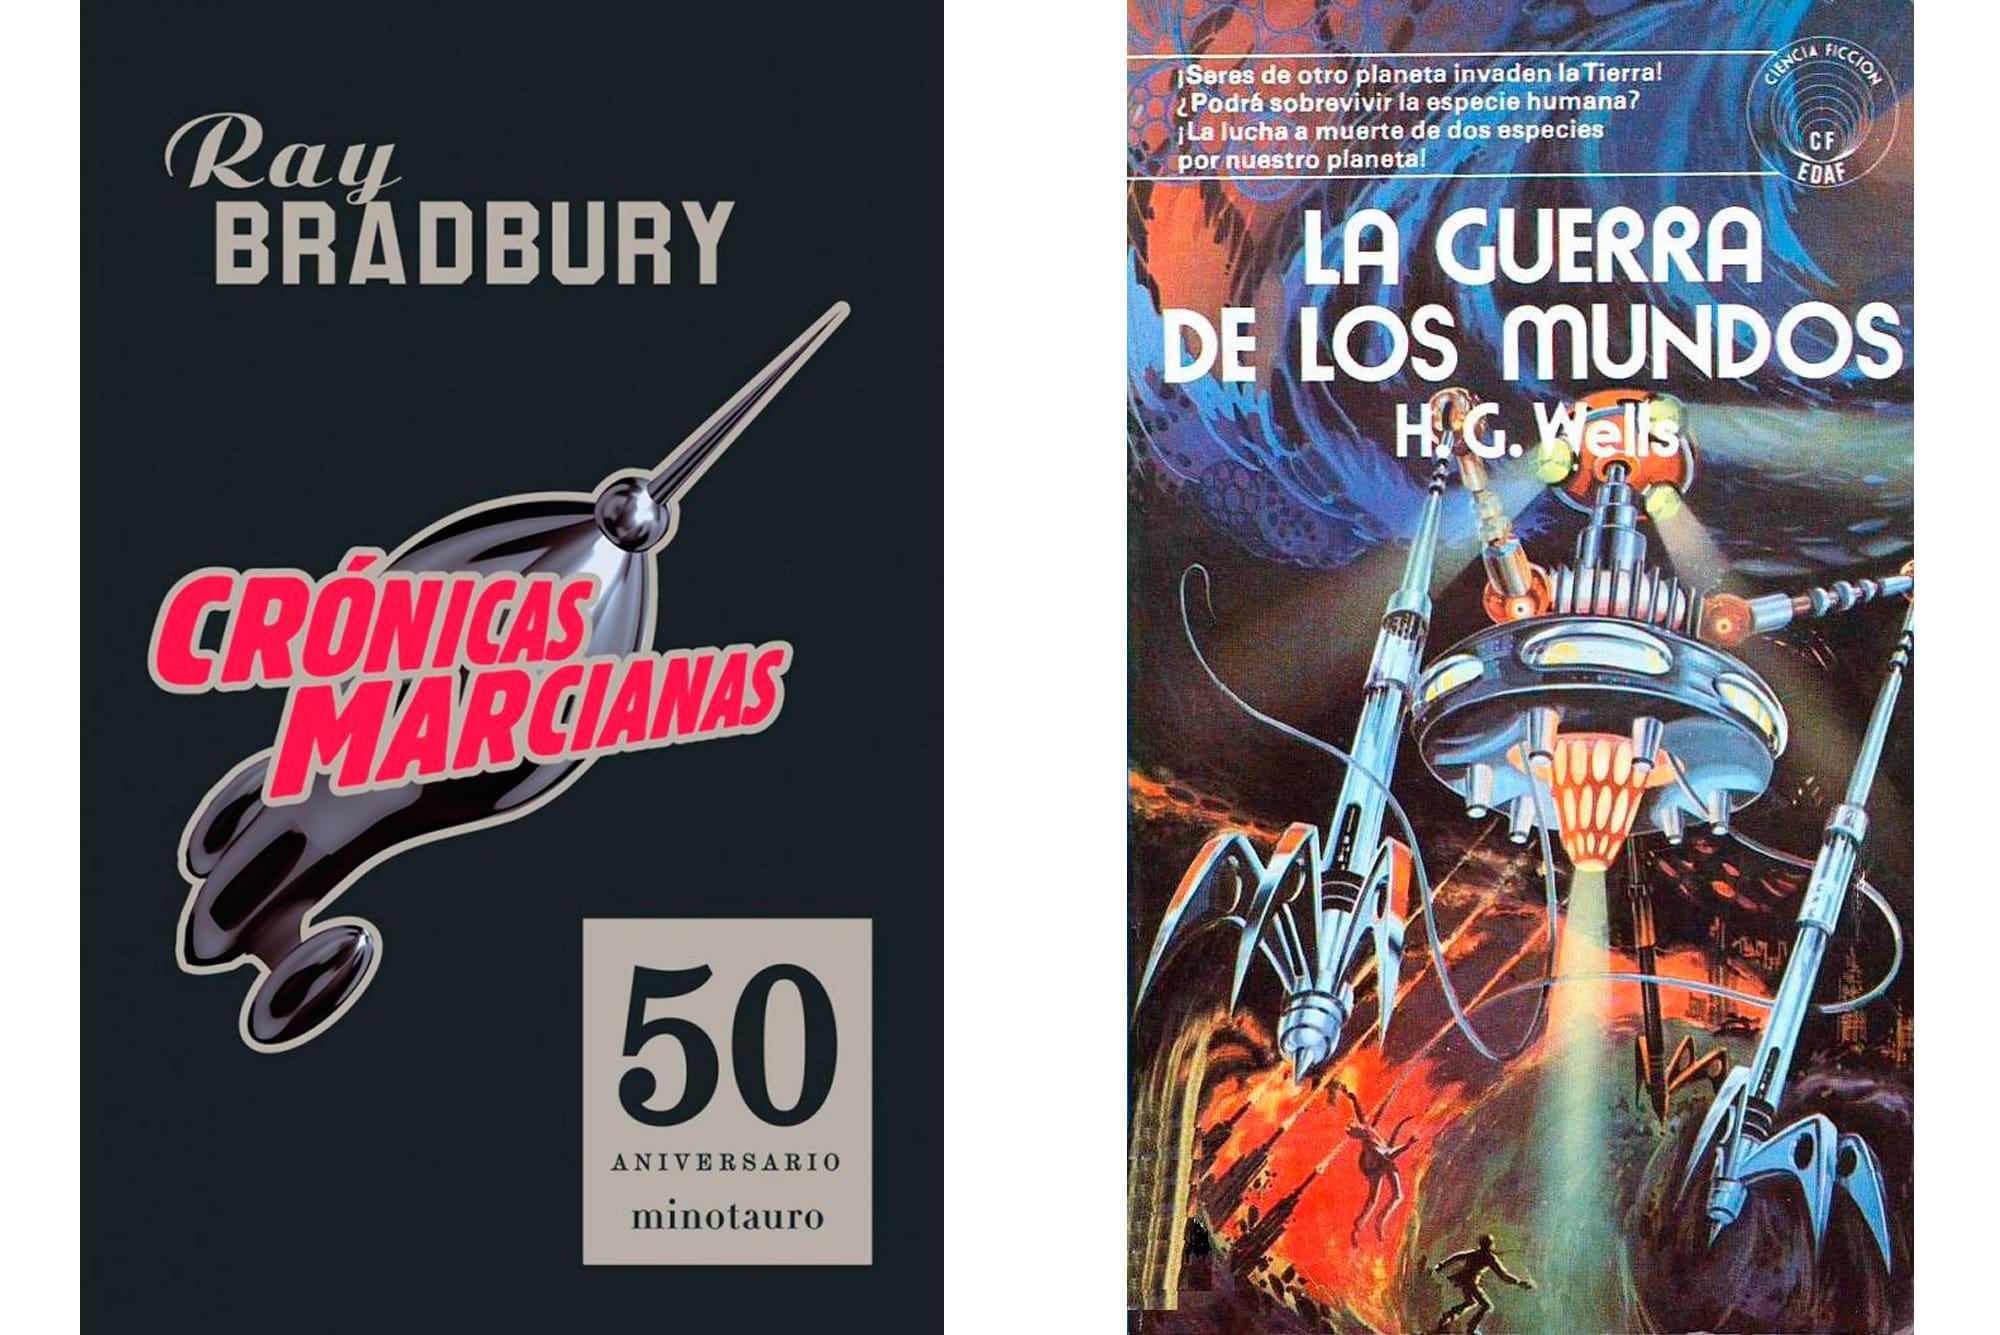 Portadas de ediciones en español de los libros 'Crónicas marcianas' y 'La guerra de los mundos'